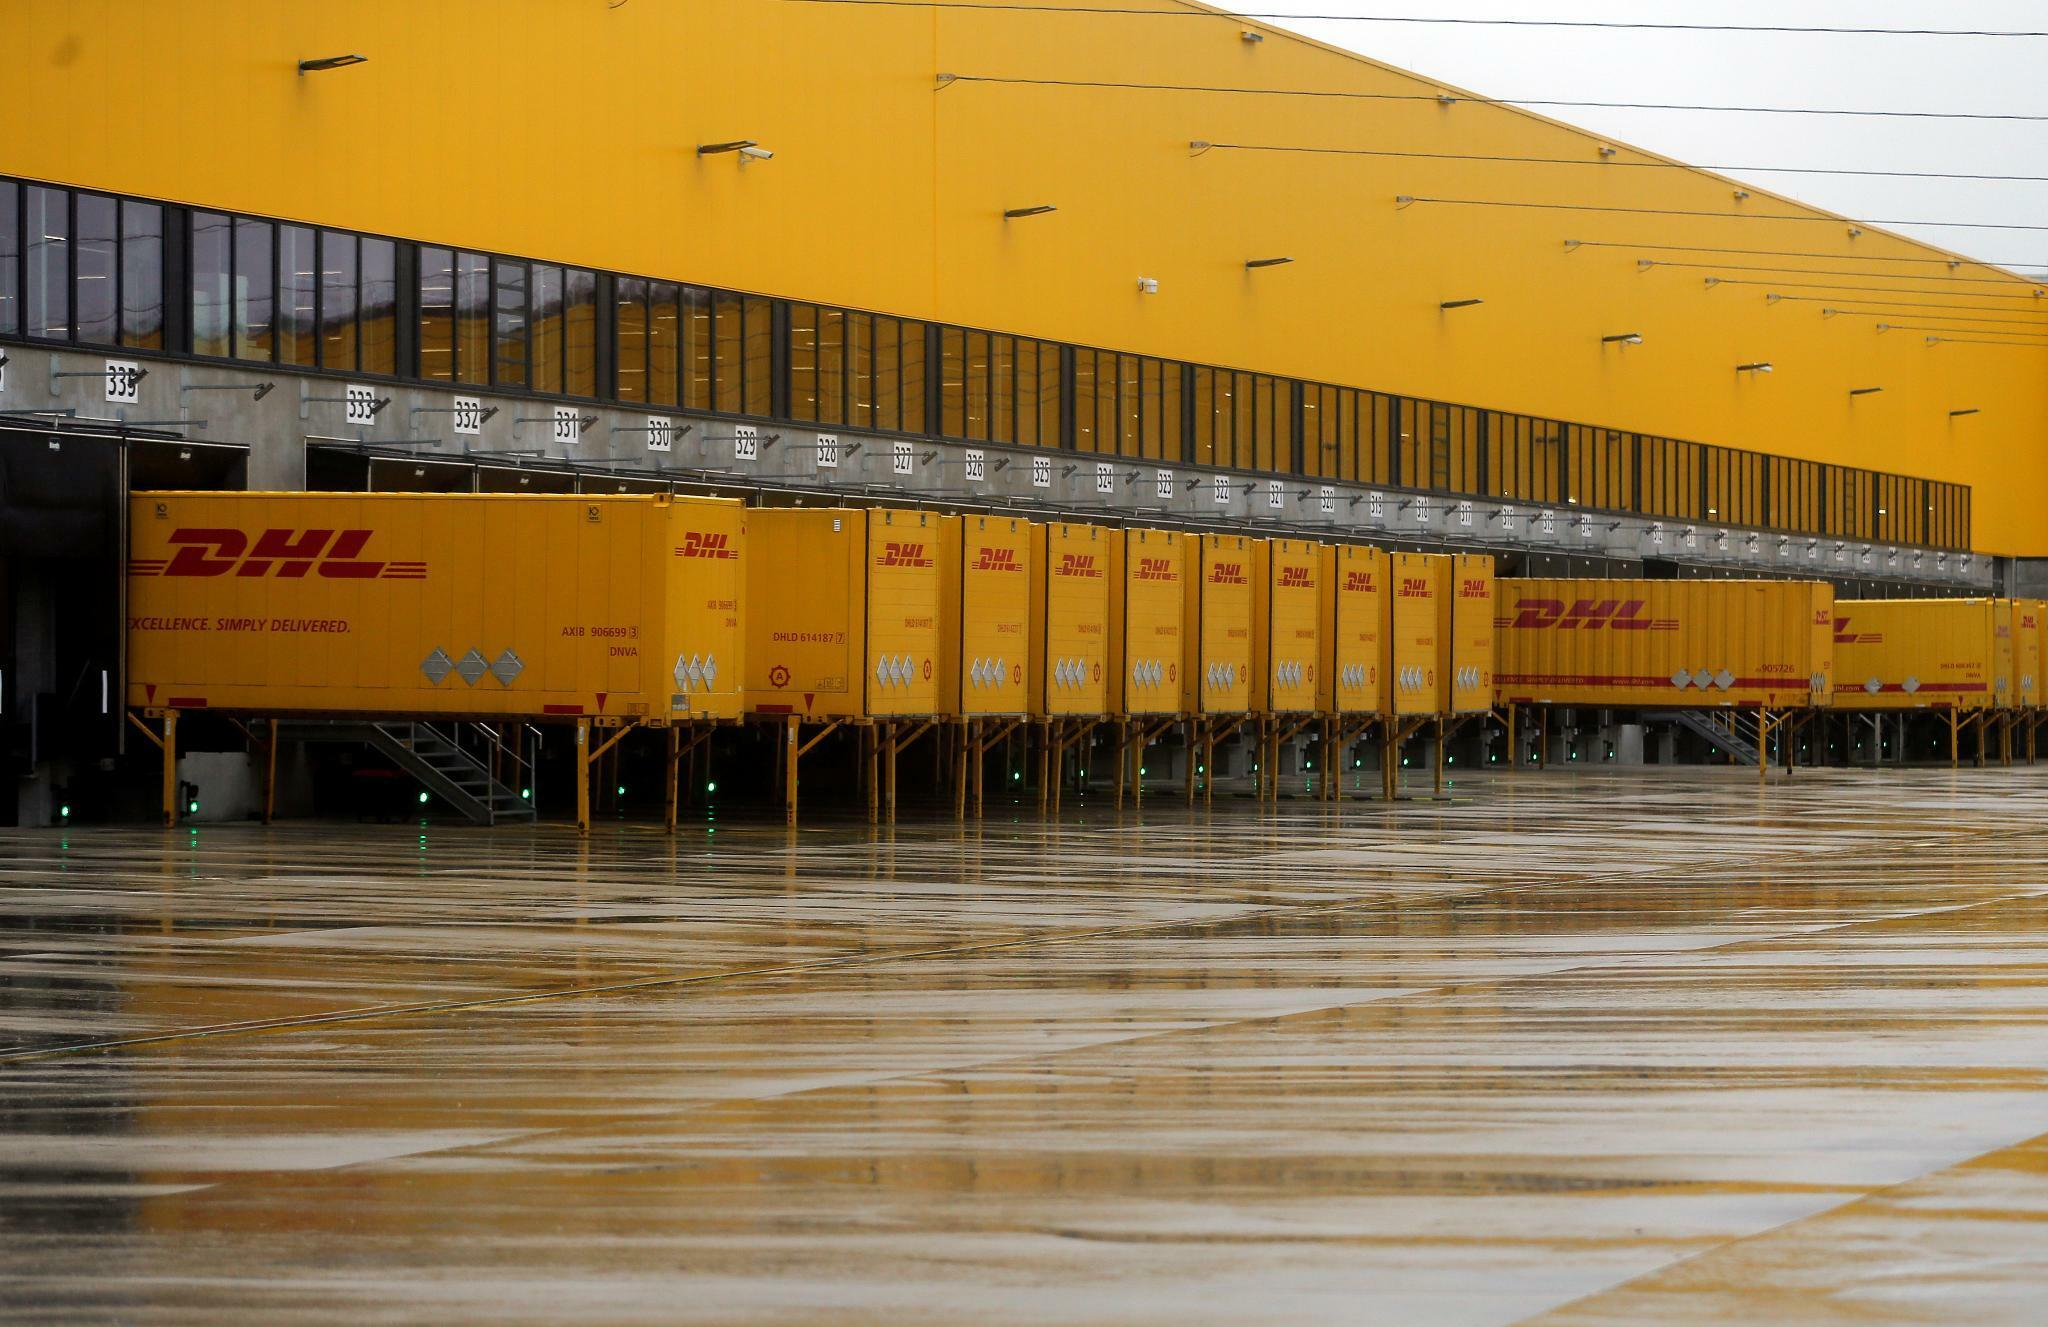 Logistik: Deutsche Post DHL investiert Milliarden in Expressdienste